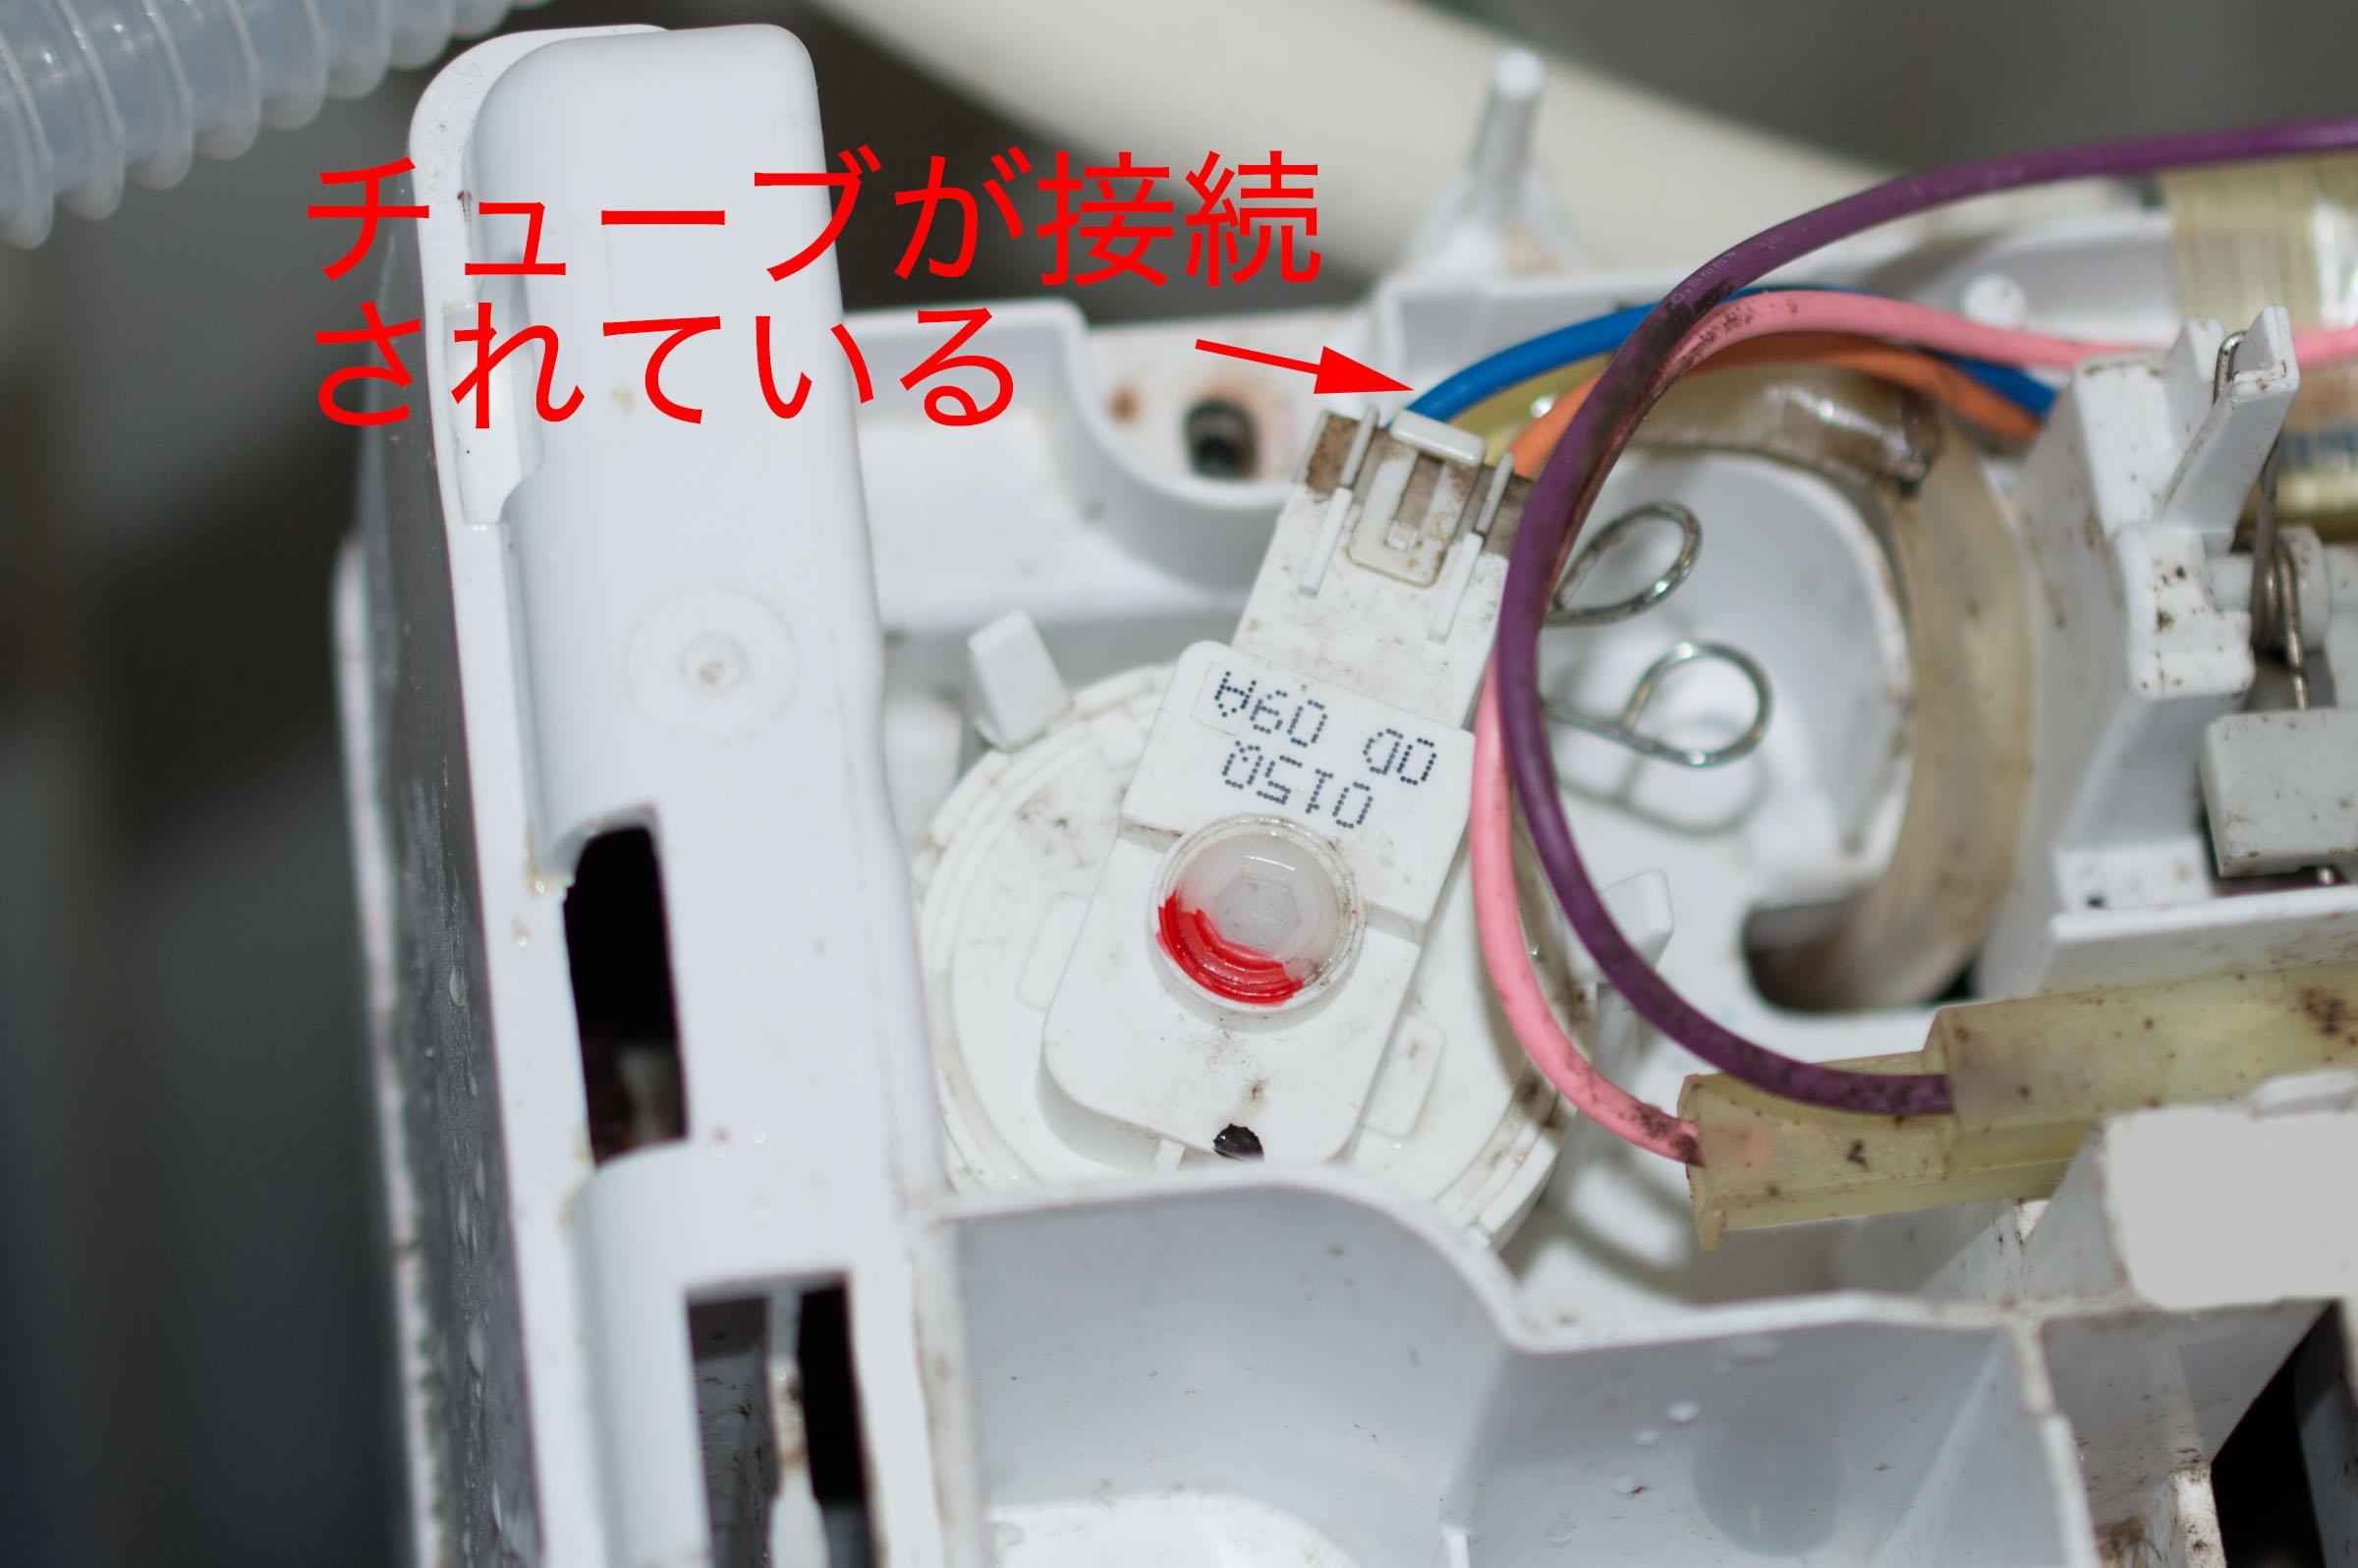 洗濯 機 修理 シャープ ドラム式洗濯乾燥機の故障、自分で治せるか?!